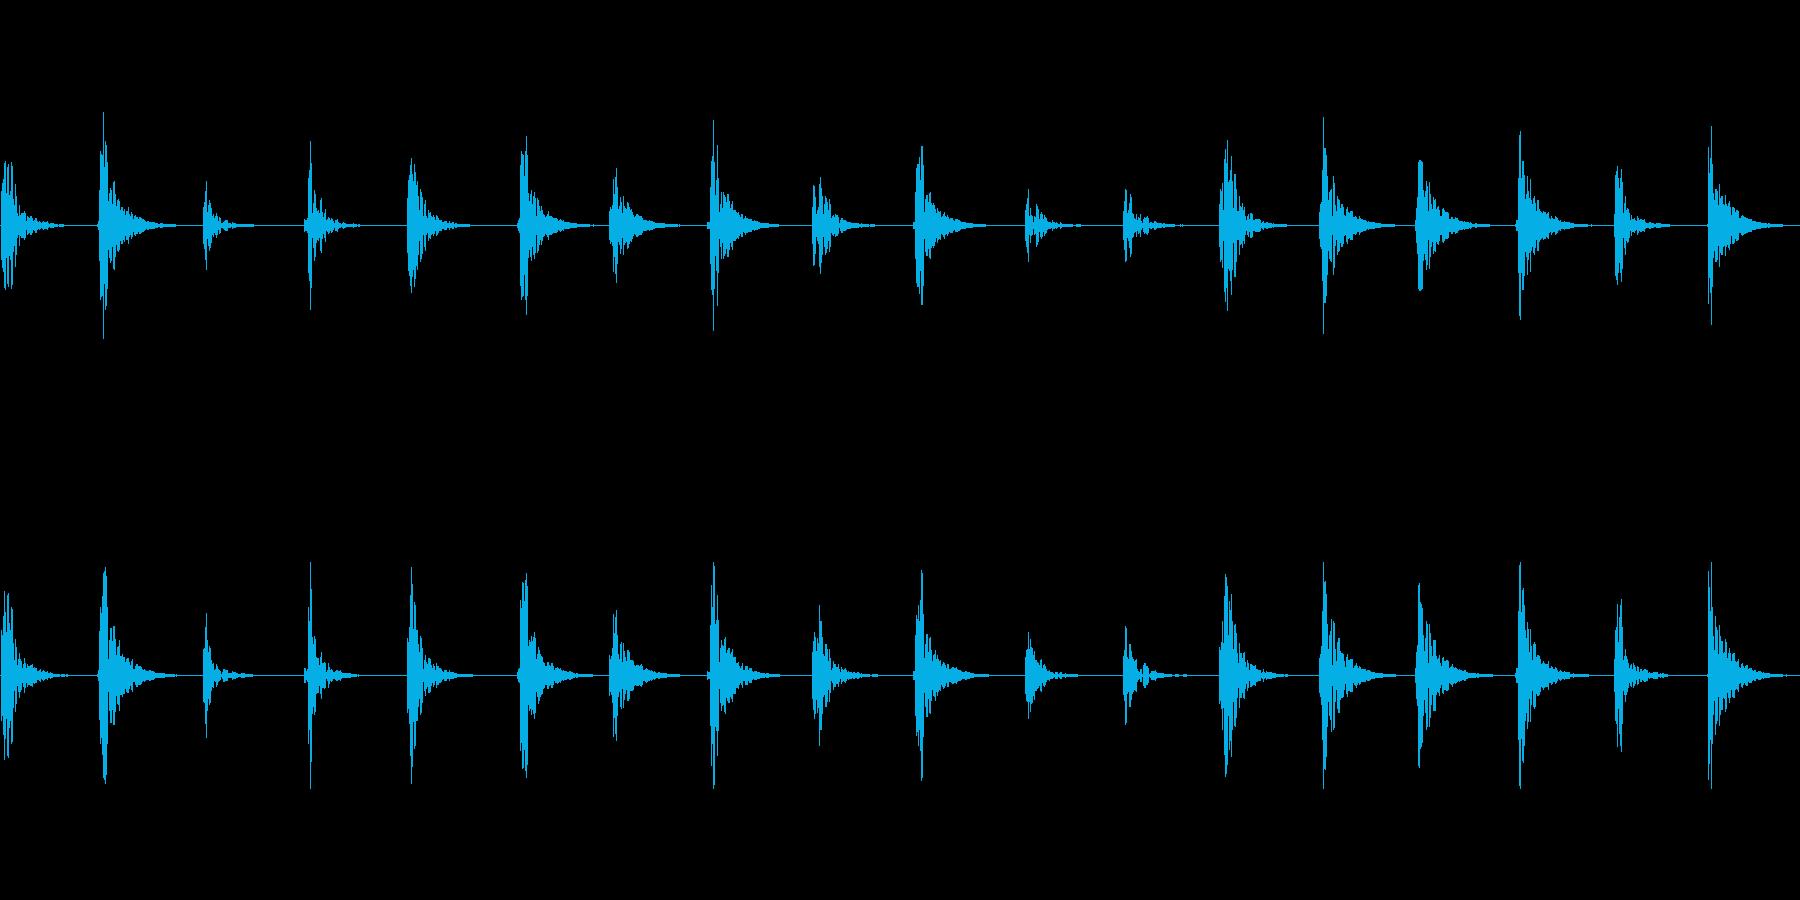 【足音01-1L】の再生済みの波形